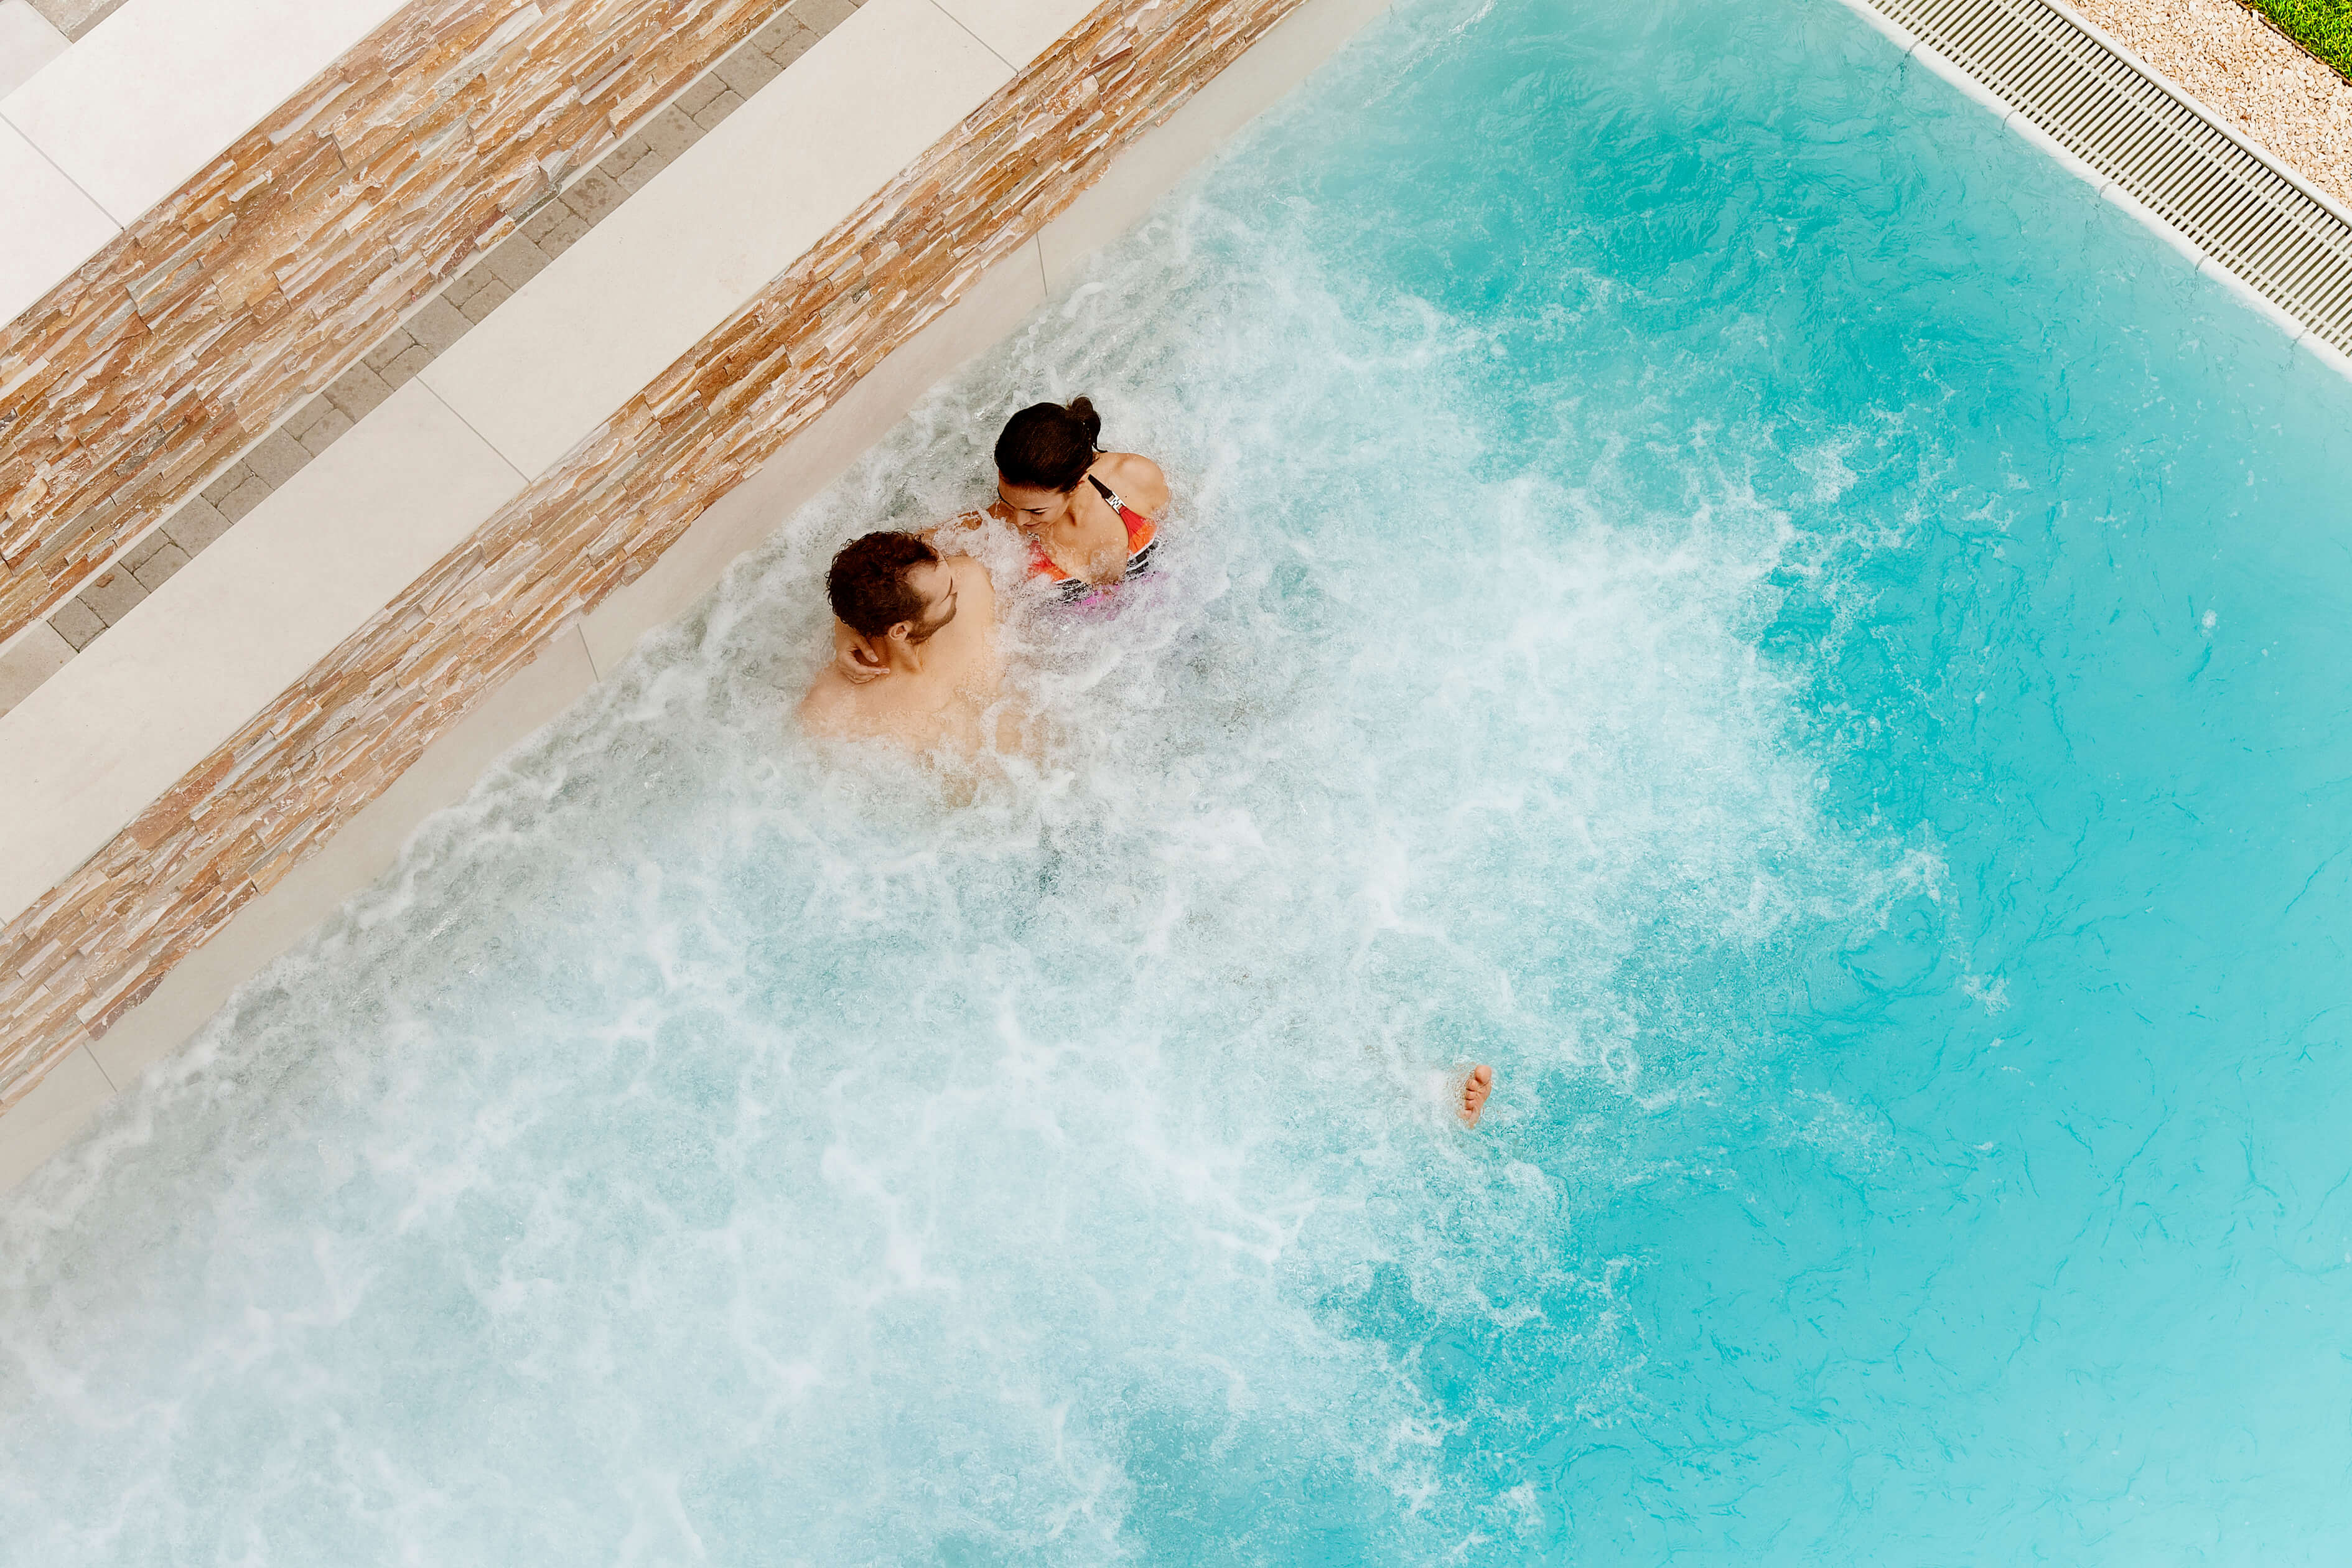 hotel-eden-wellness-soleaussenbad-mit-jungbrunnenwasser-sitzend-spiez.jpg